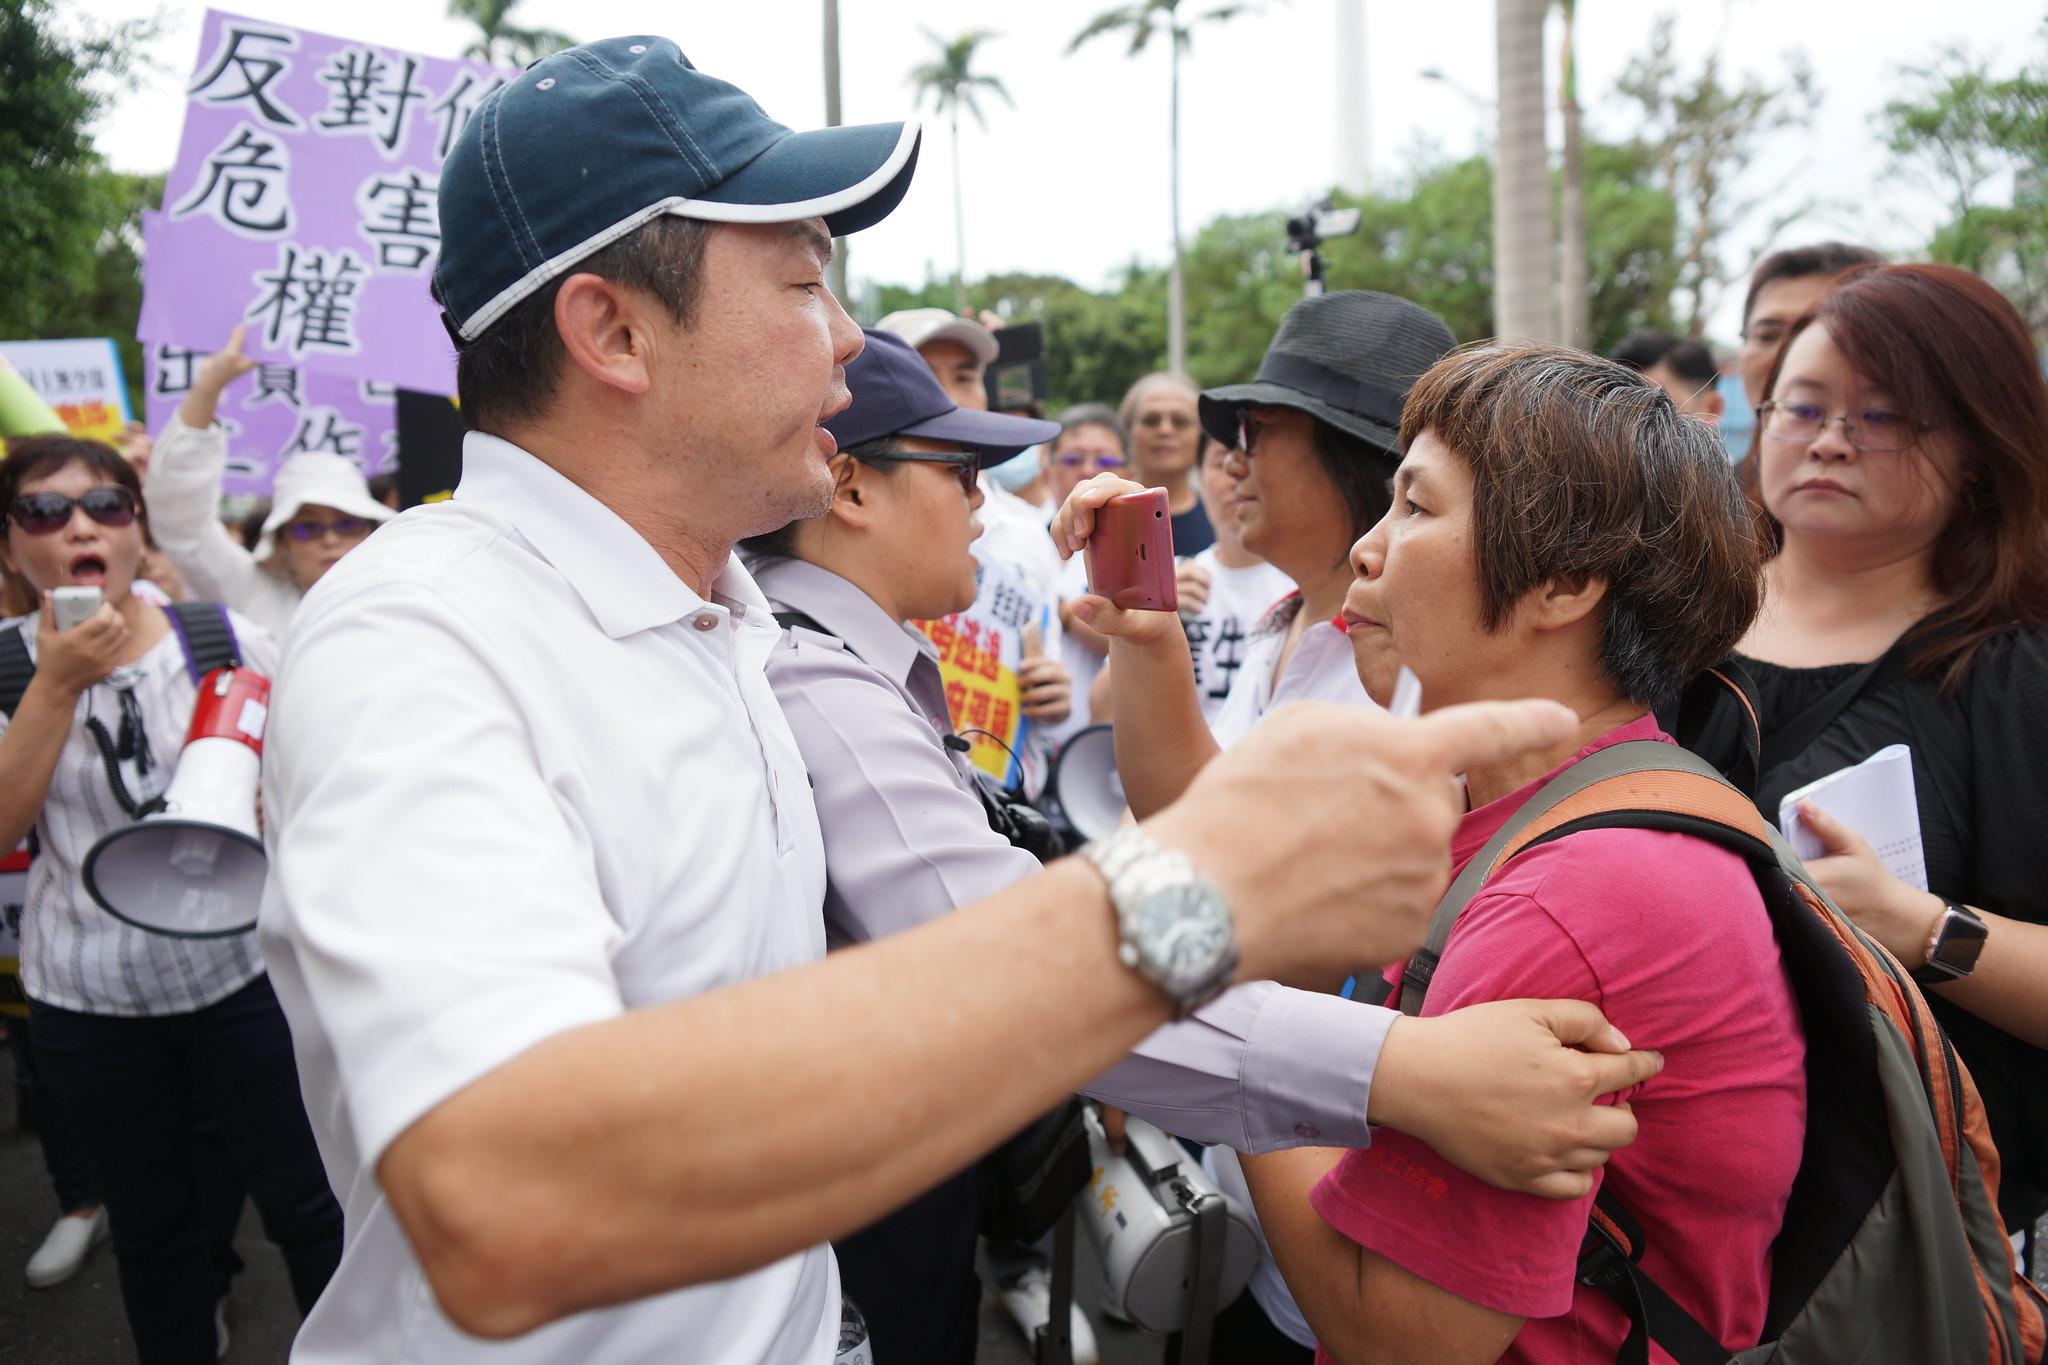 台灣國際勞工協會理事長陳素香上午持手機錄影遭仲介團體包圍。(攝影:王顥中)